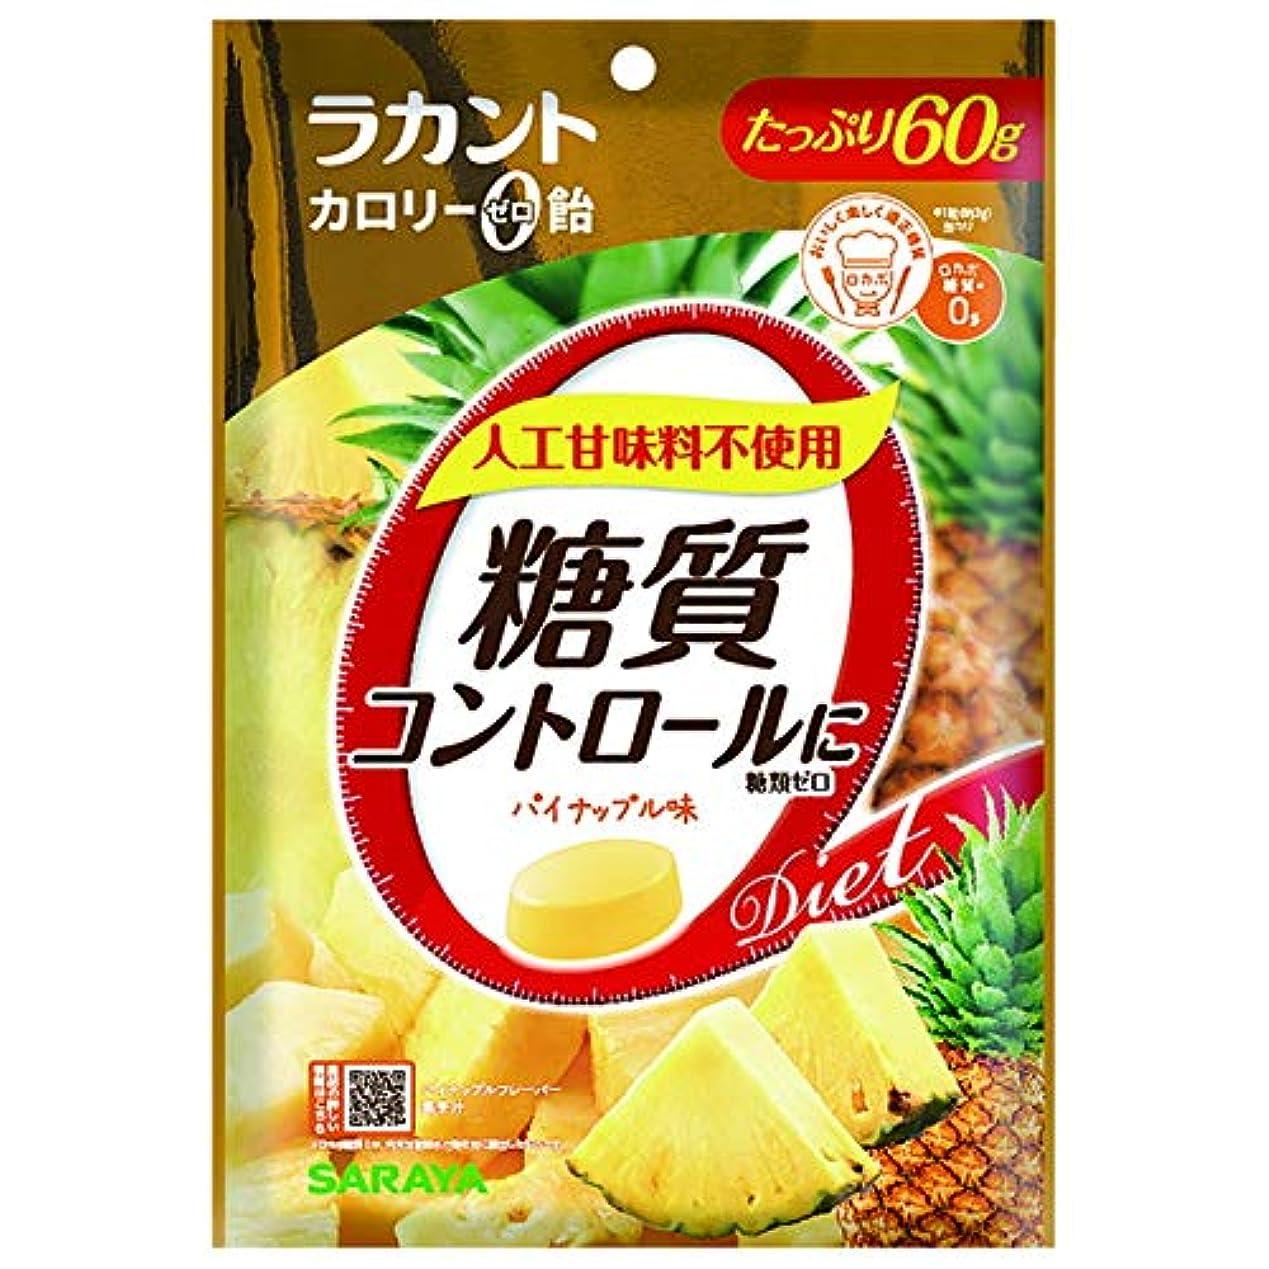 スクラッチ農民衝撃ラカント カロリーゼロ飴 パイナップル 60g【3個セット】